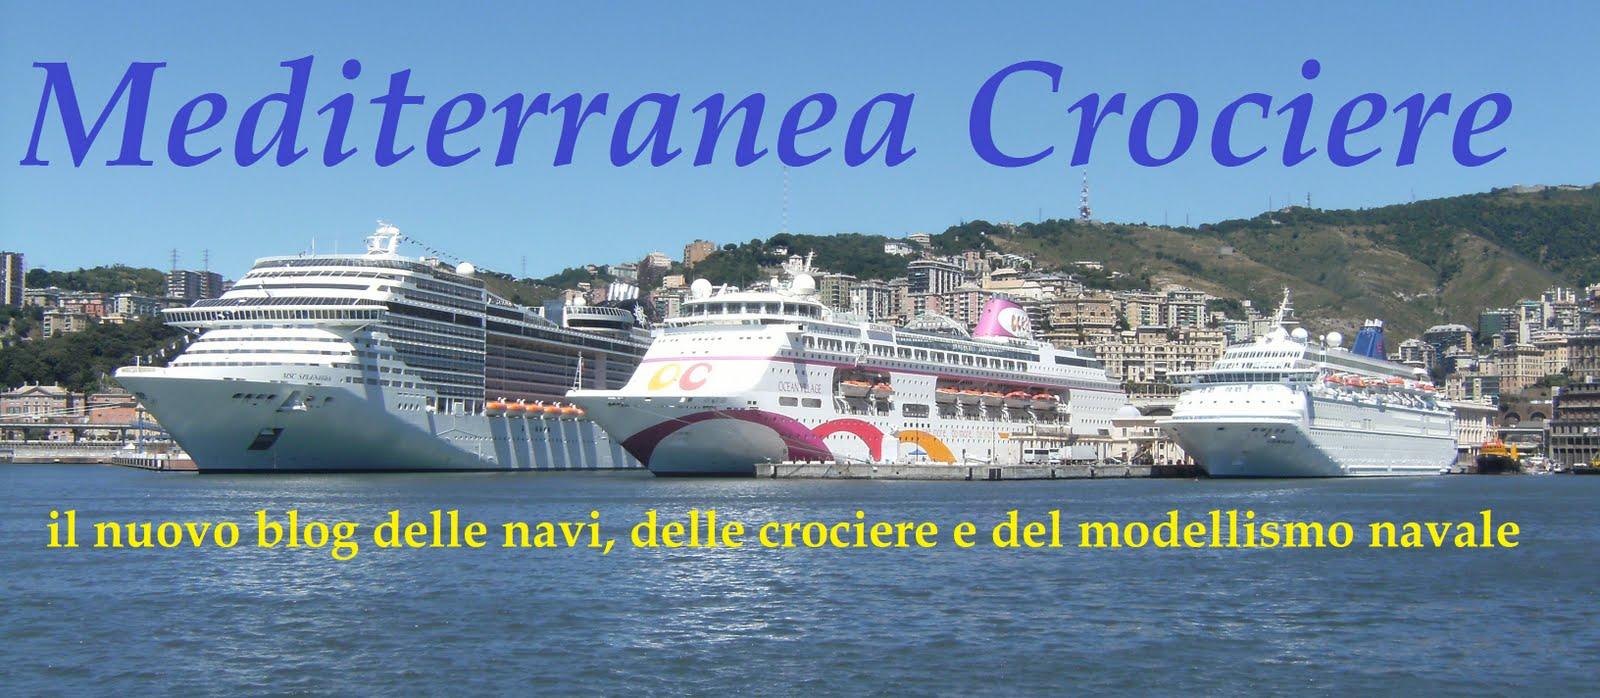 Mediterranea Crociere